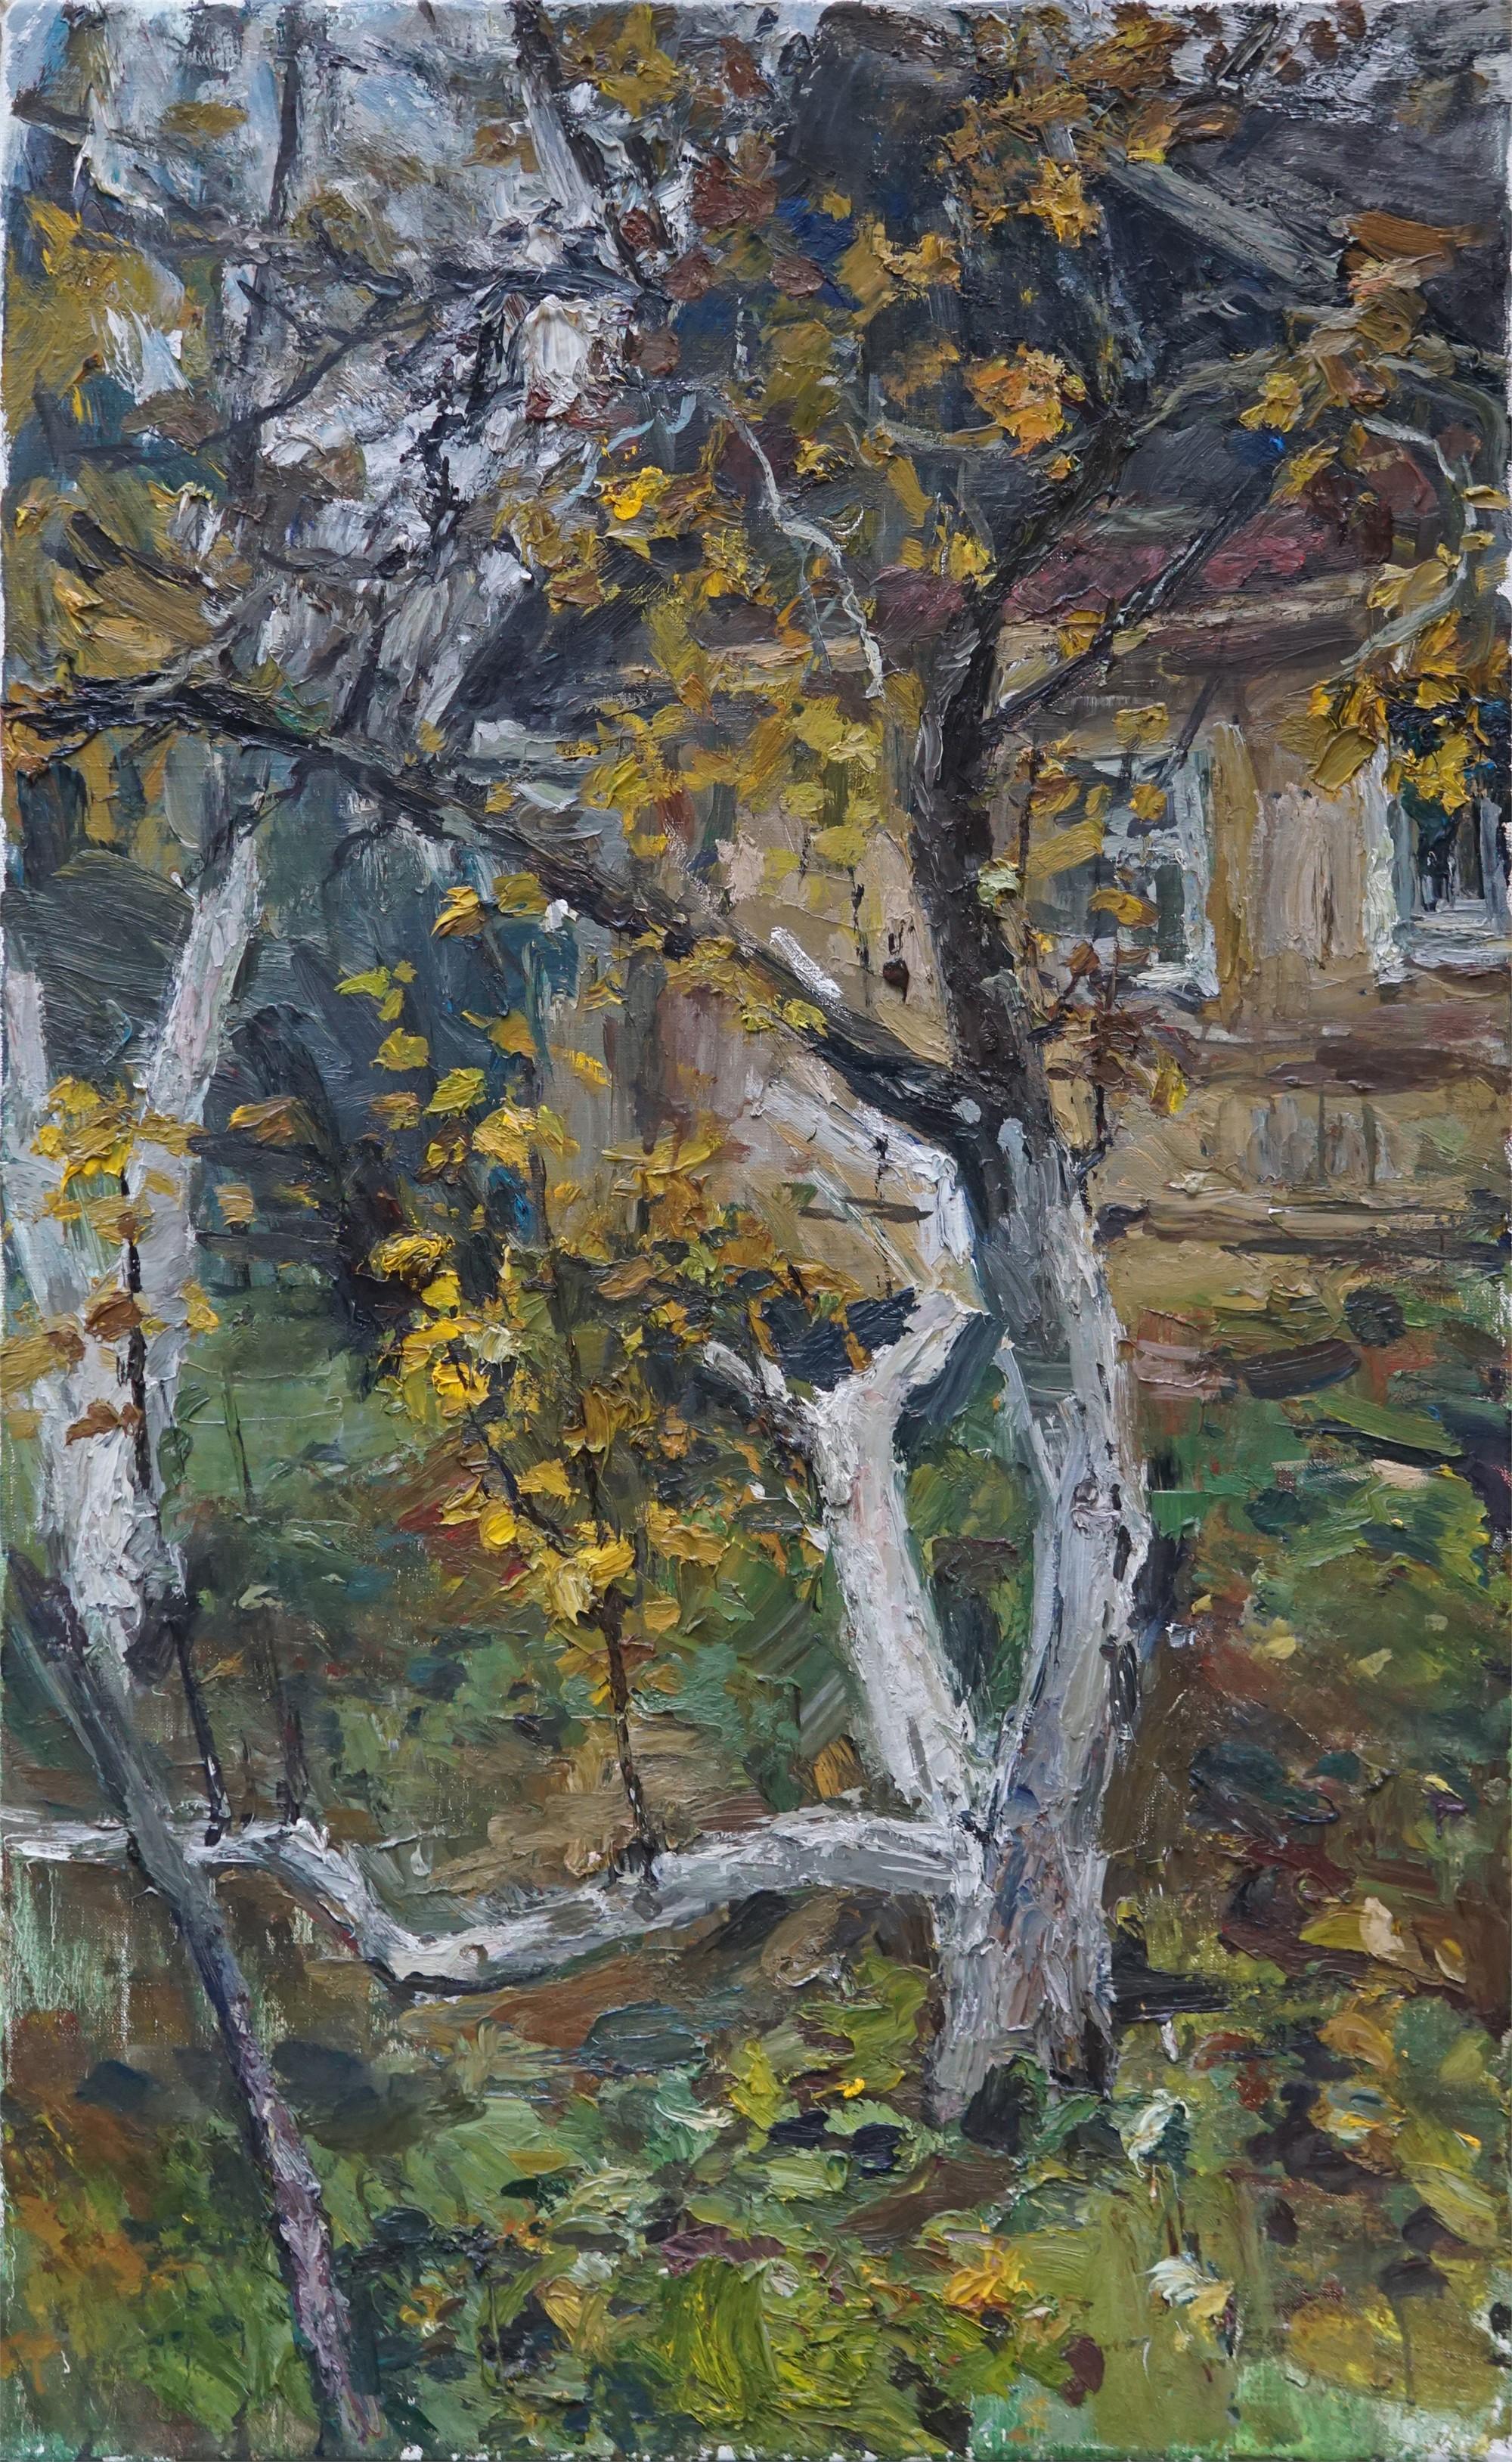 November by Ulrich Gleiter